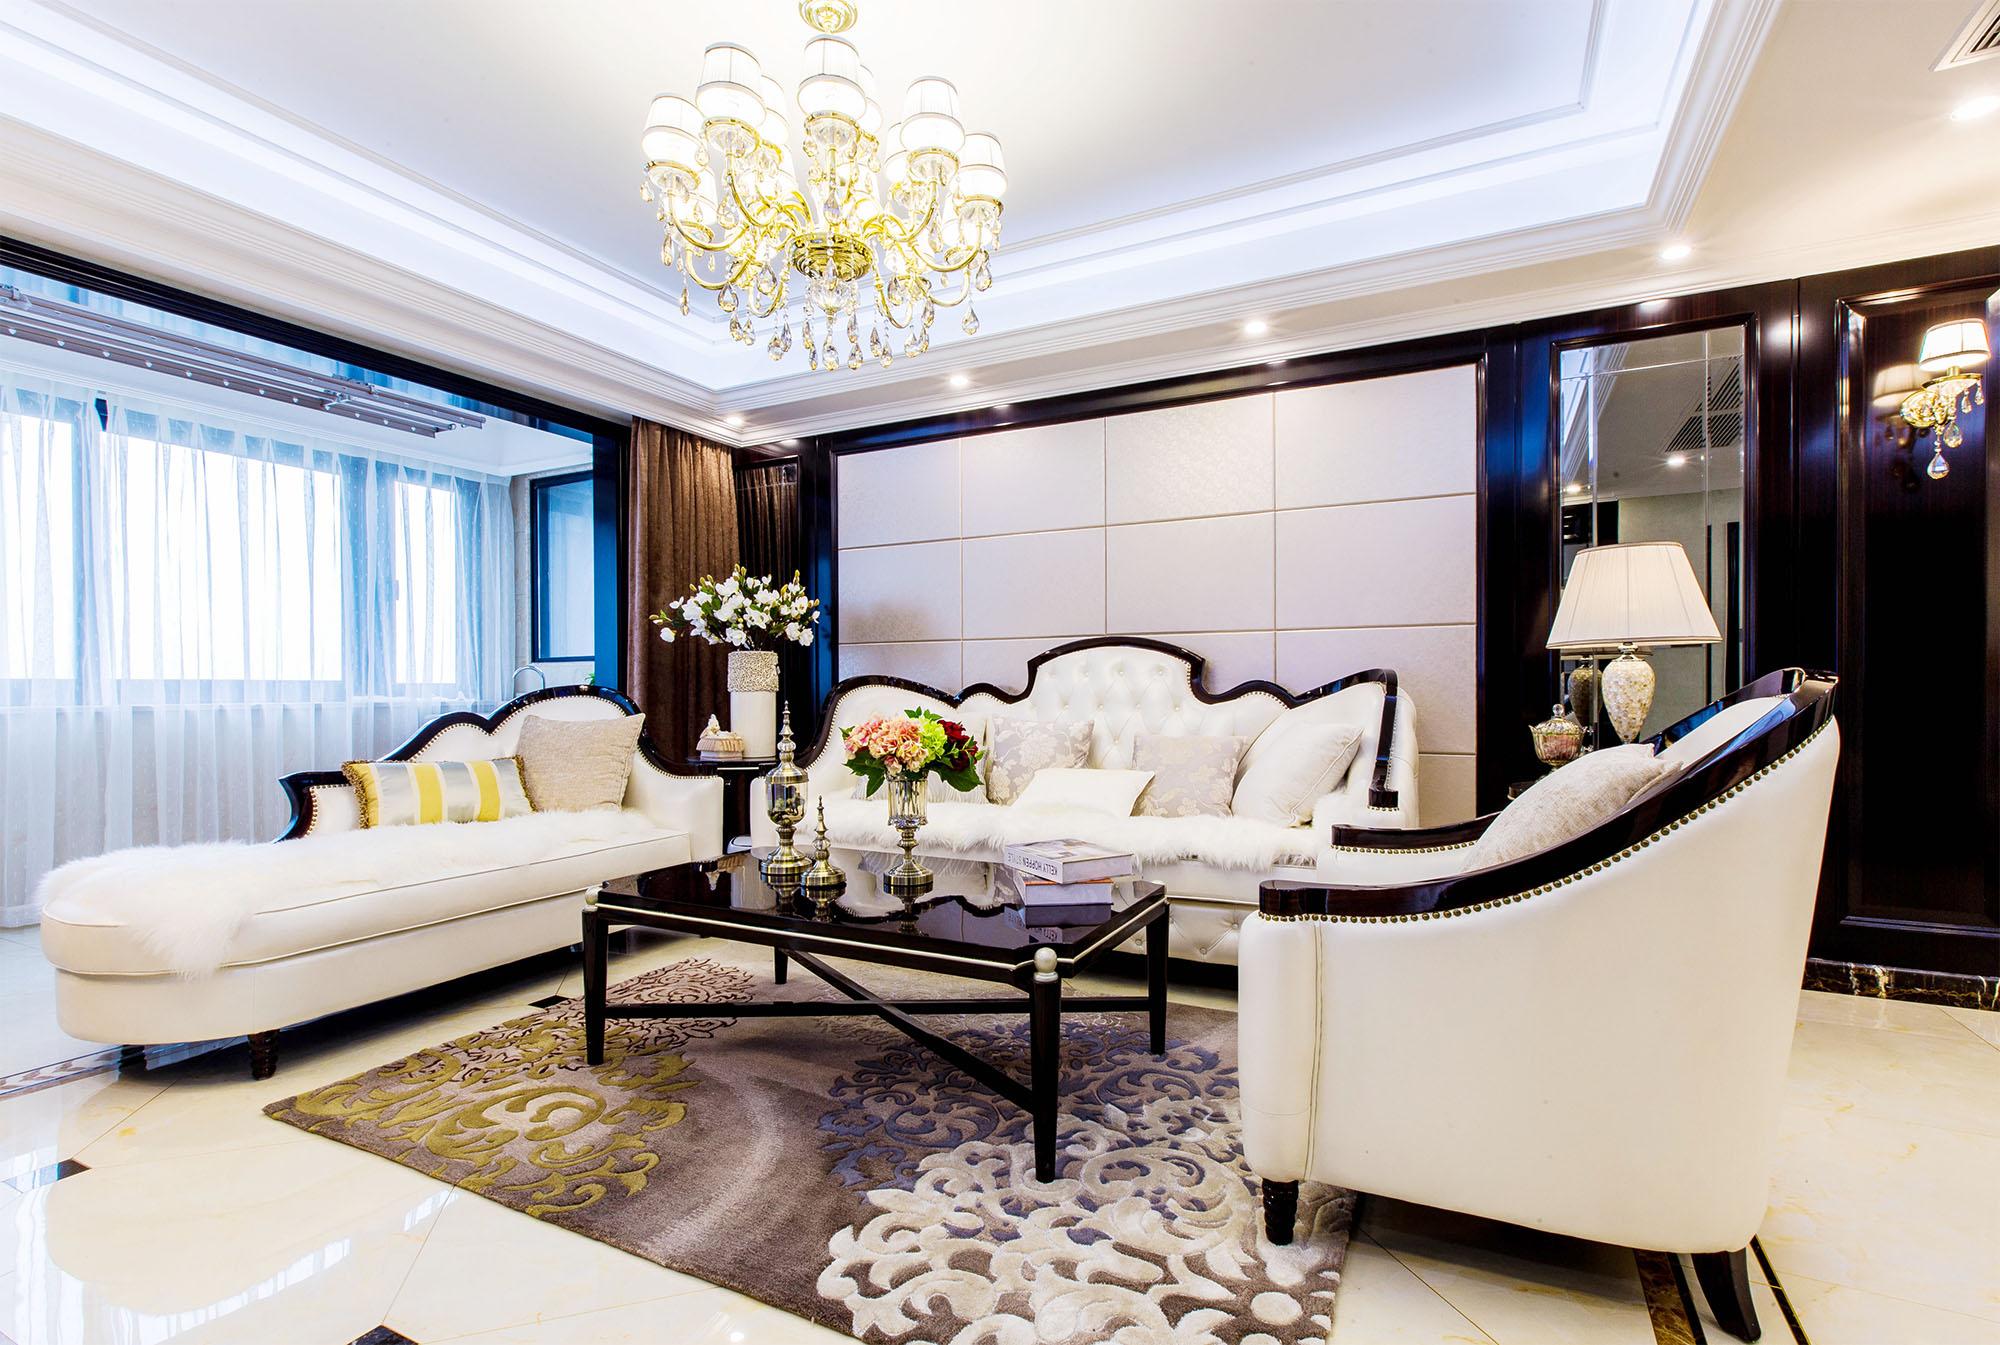 新古典  中港城  三室两厅  142平米